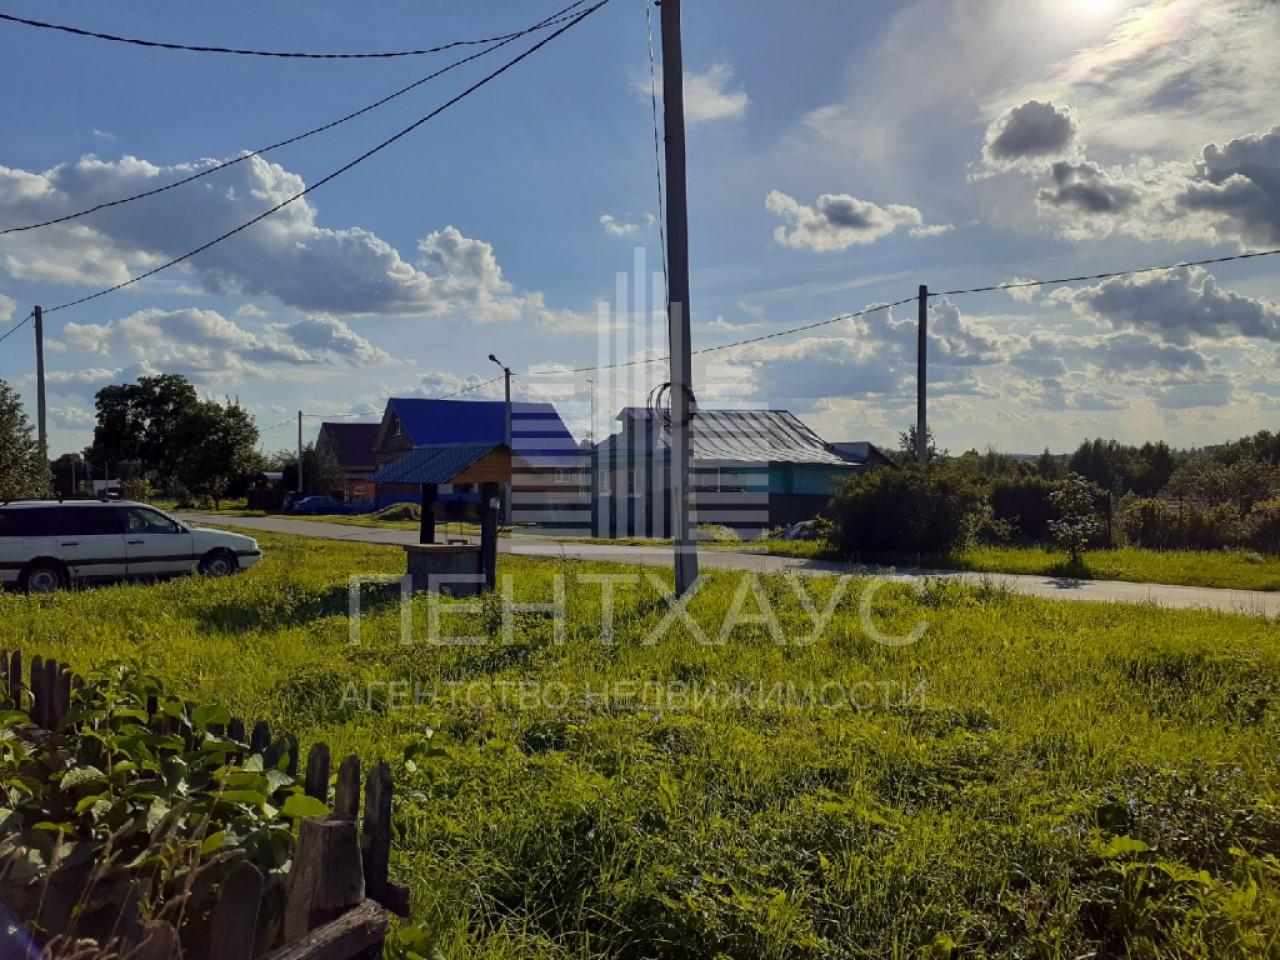 Рукав д., , дом деревянный с участком 36.00 сотка на продажу